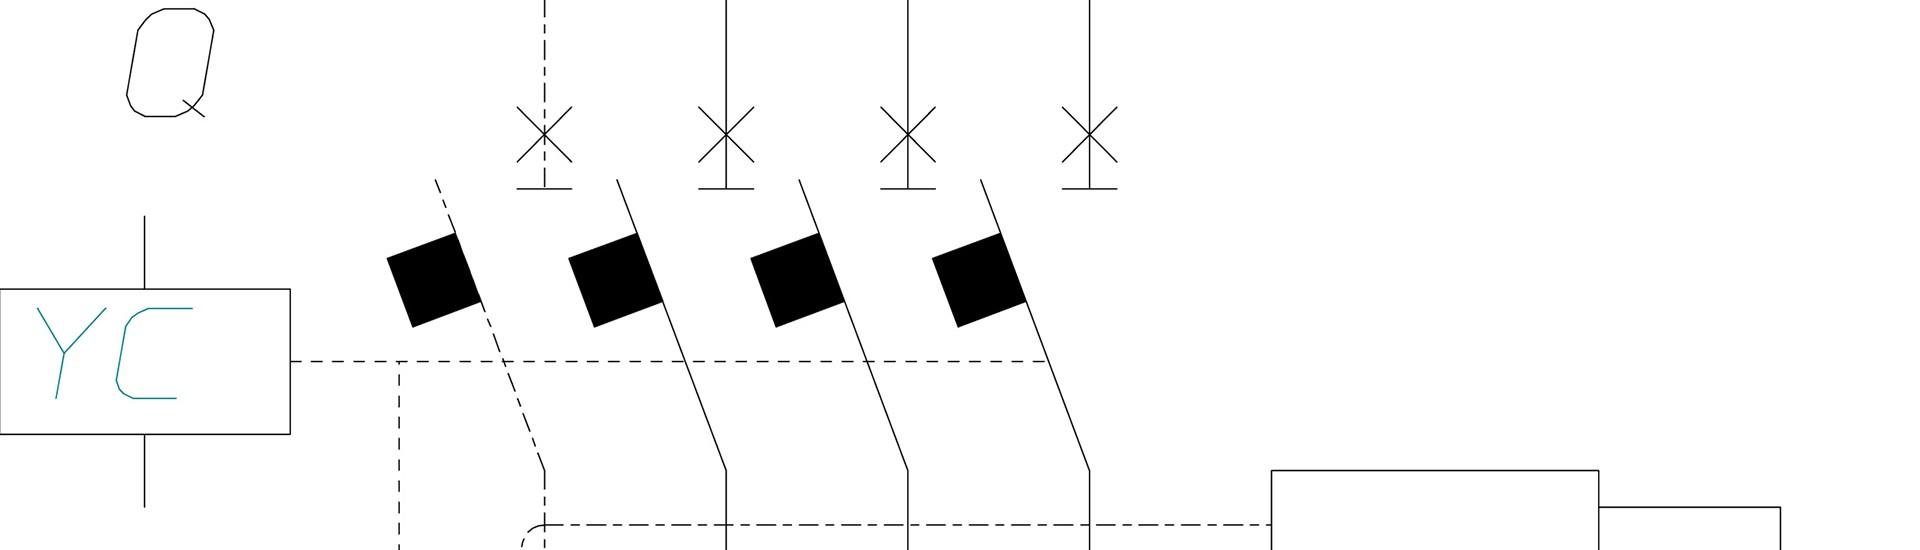 Plan eines Magnetantriebs